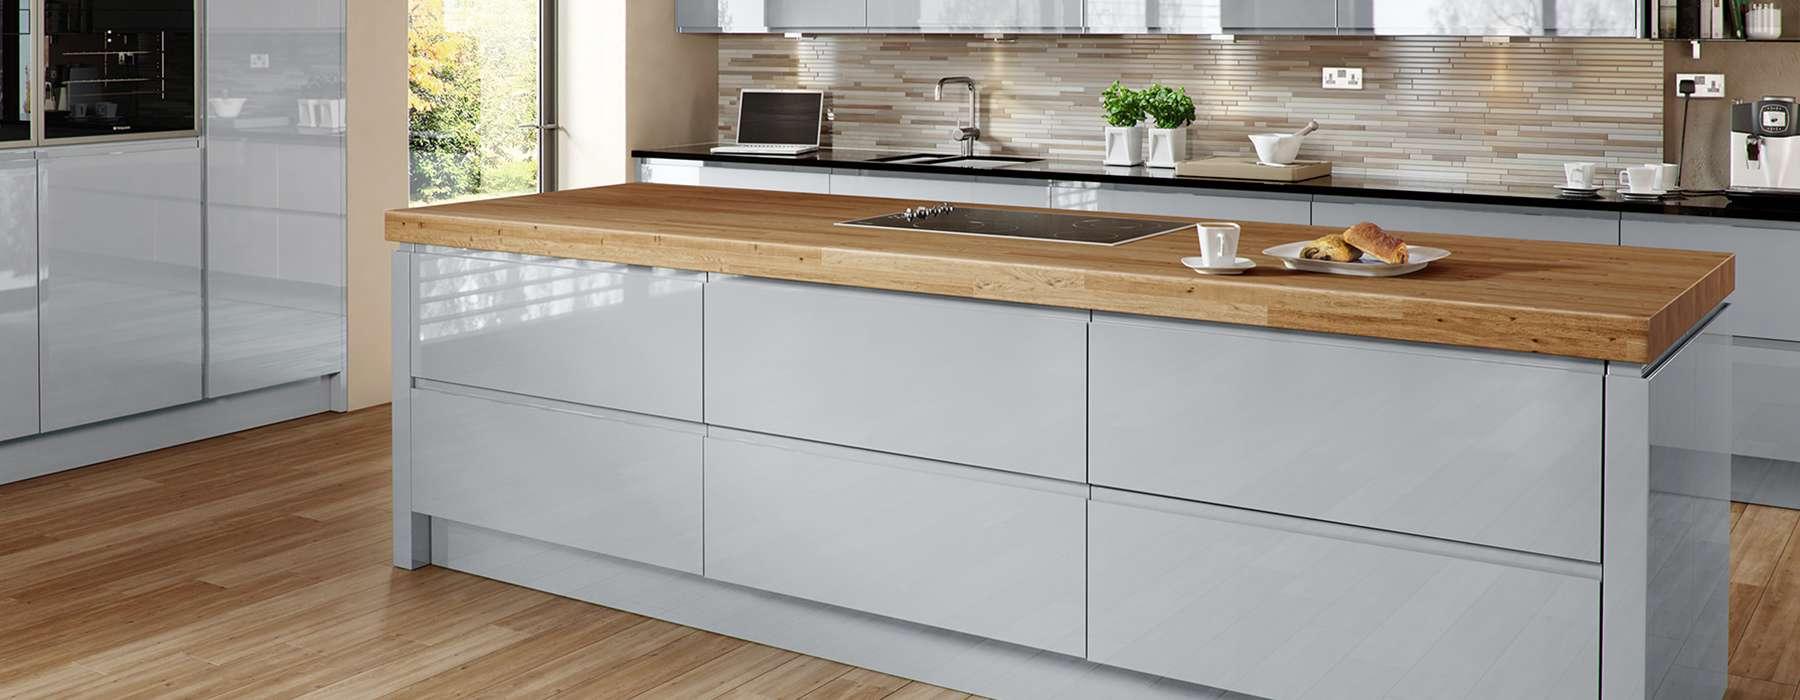 designer fitted kitchen